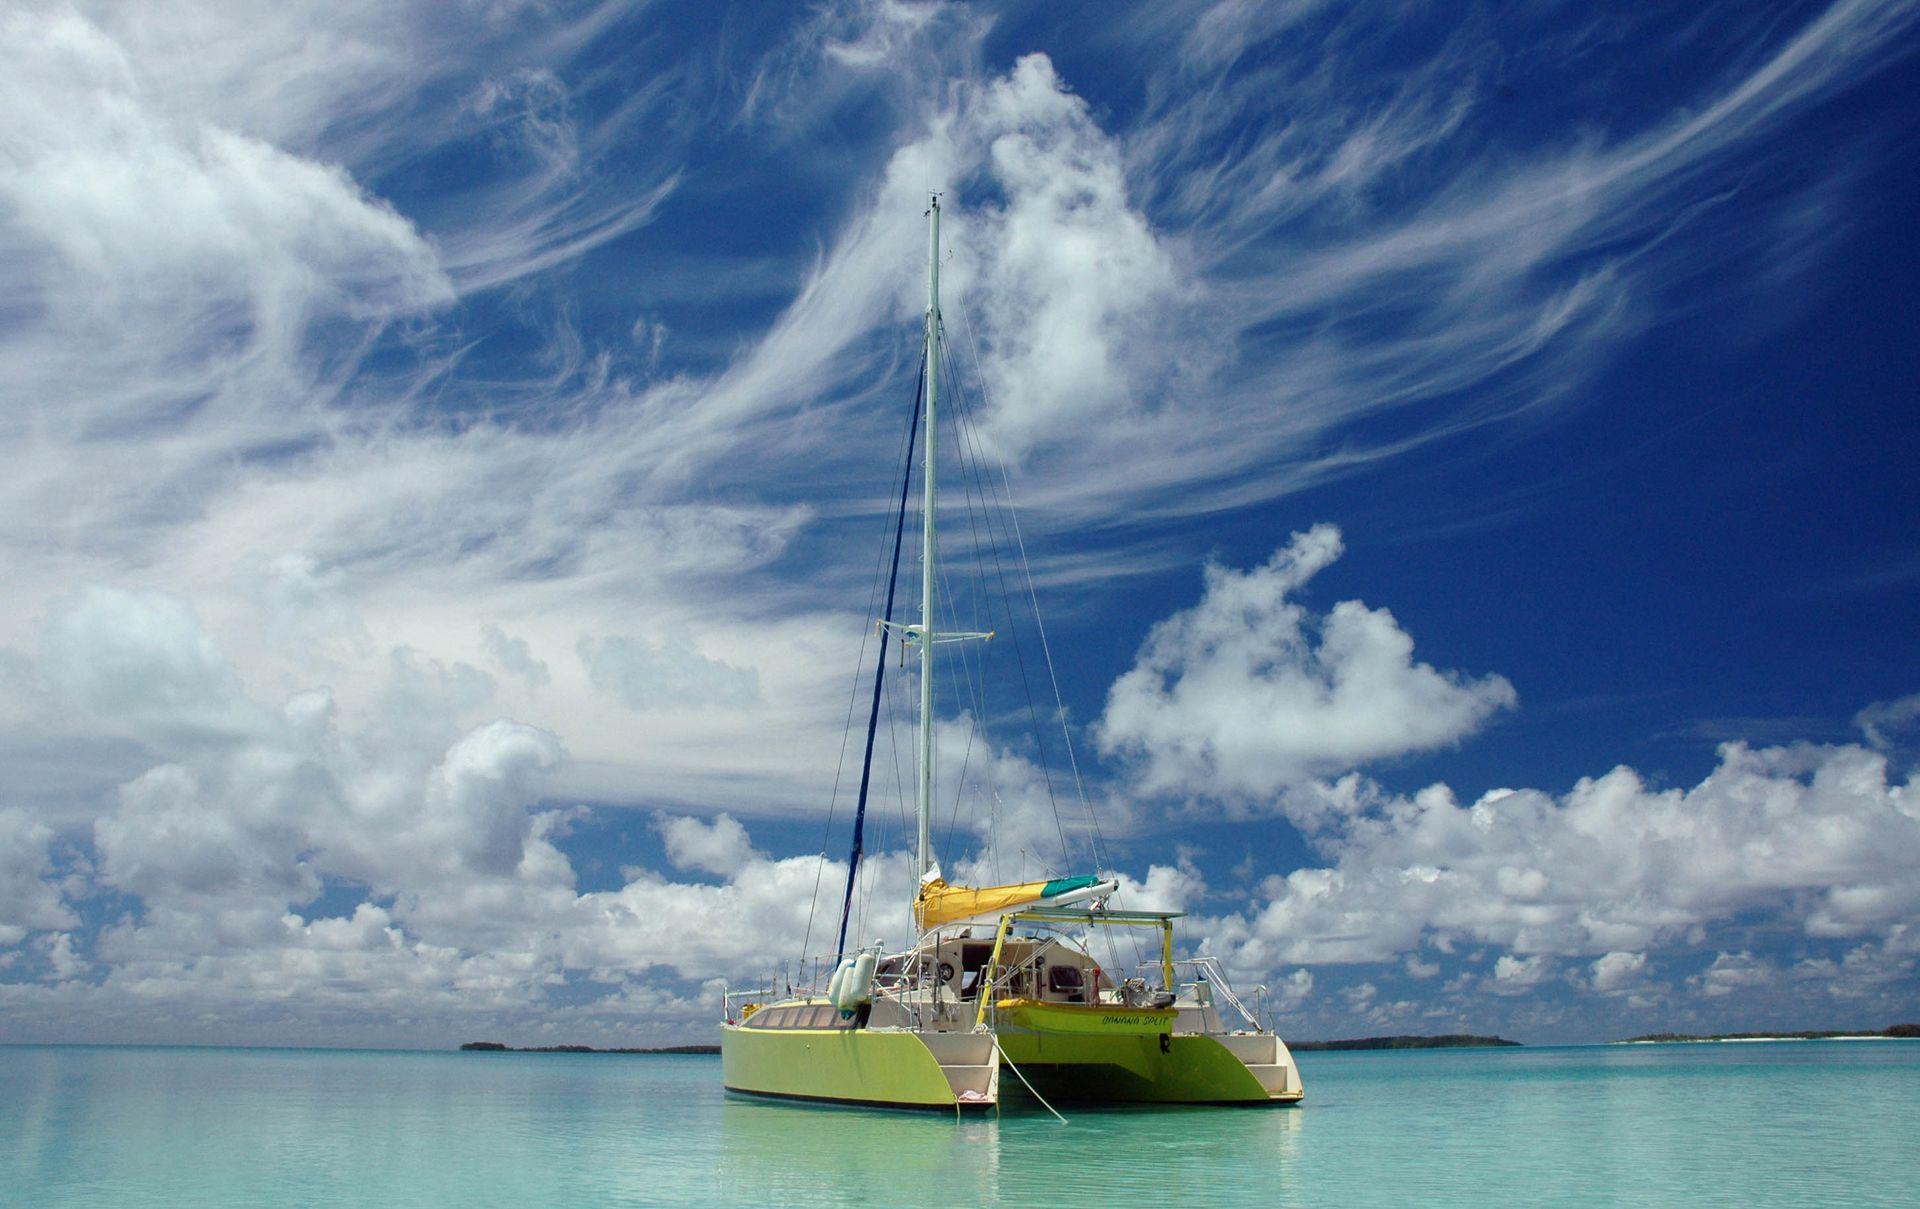 En los más de 45 años que lleva navegando capitaneó tres barcos diferentes; actualmente navega en un catamarán amarillo de 12 metros que bautizó Banana Split